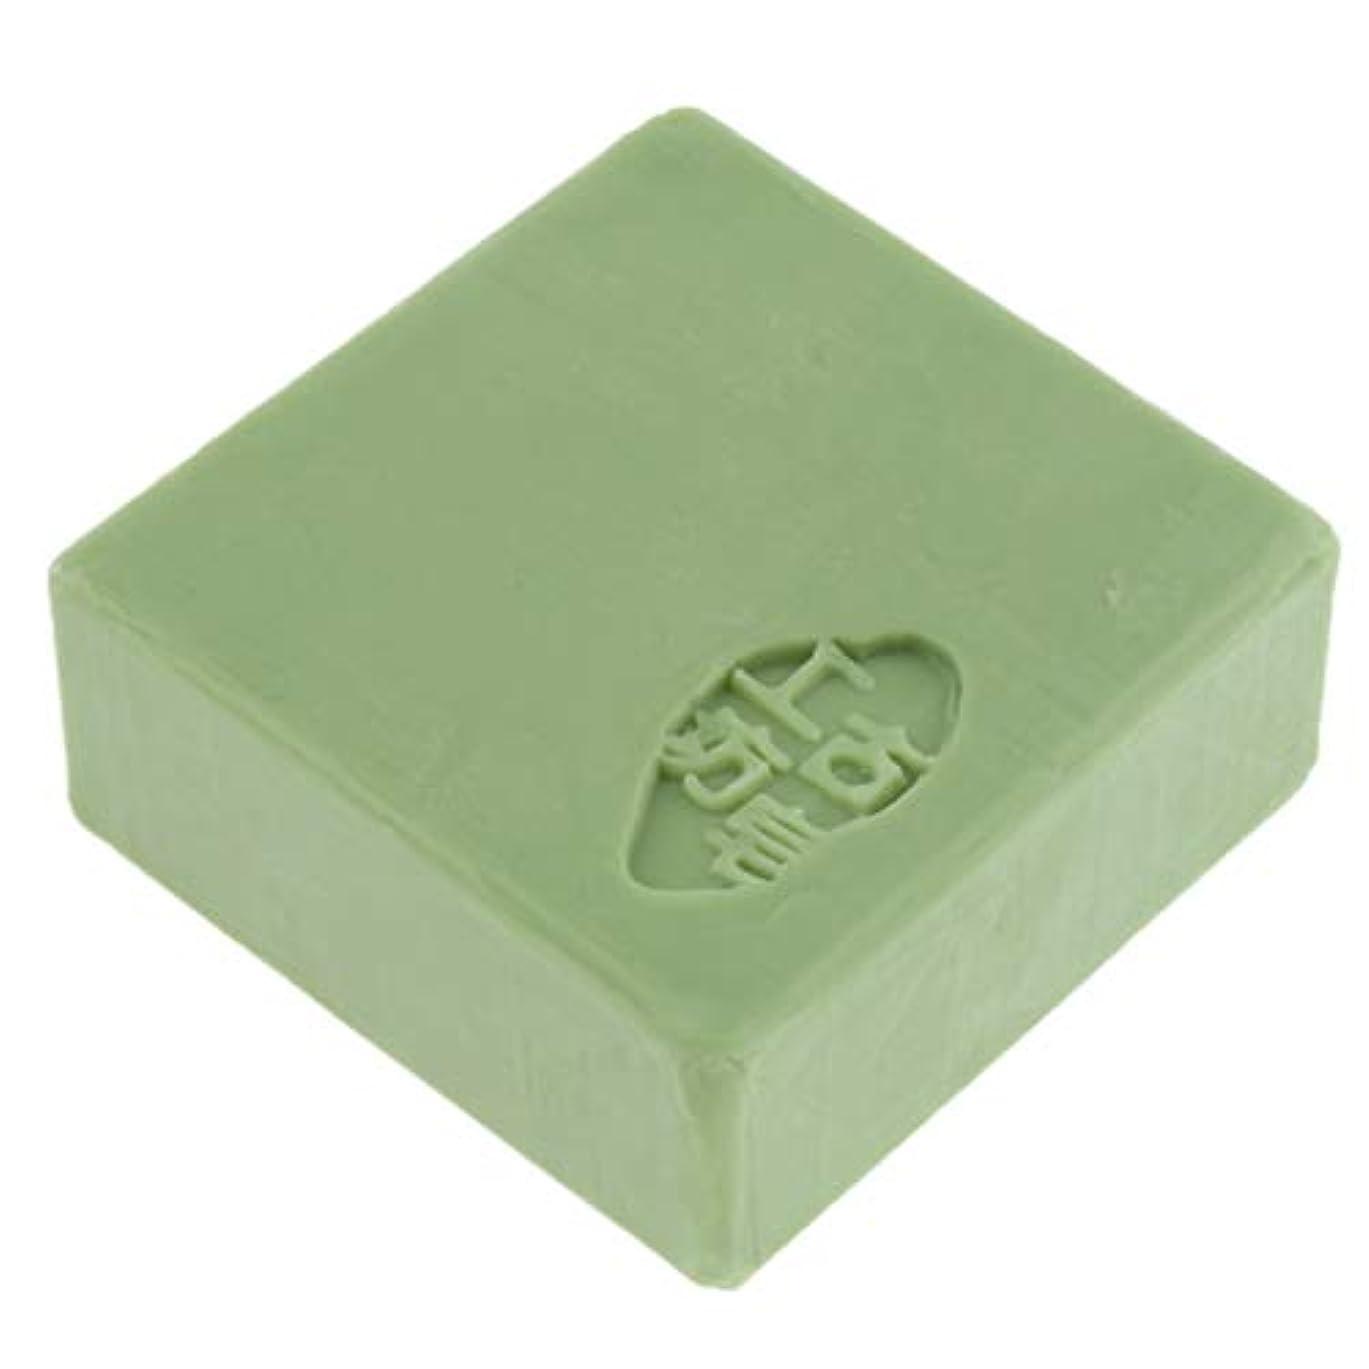 キュービック気怠いプロフェッショナル全3色 バス スキンケア フェイス ボディソープ 石鹸 保湿 肌守り - 緑